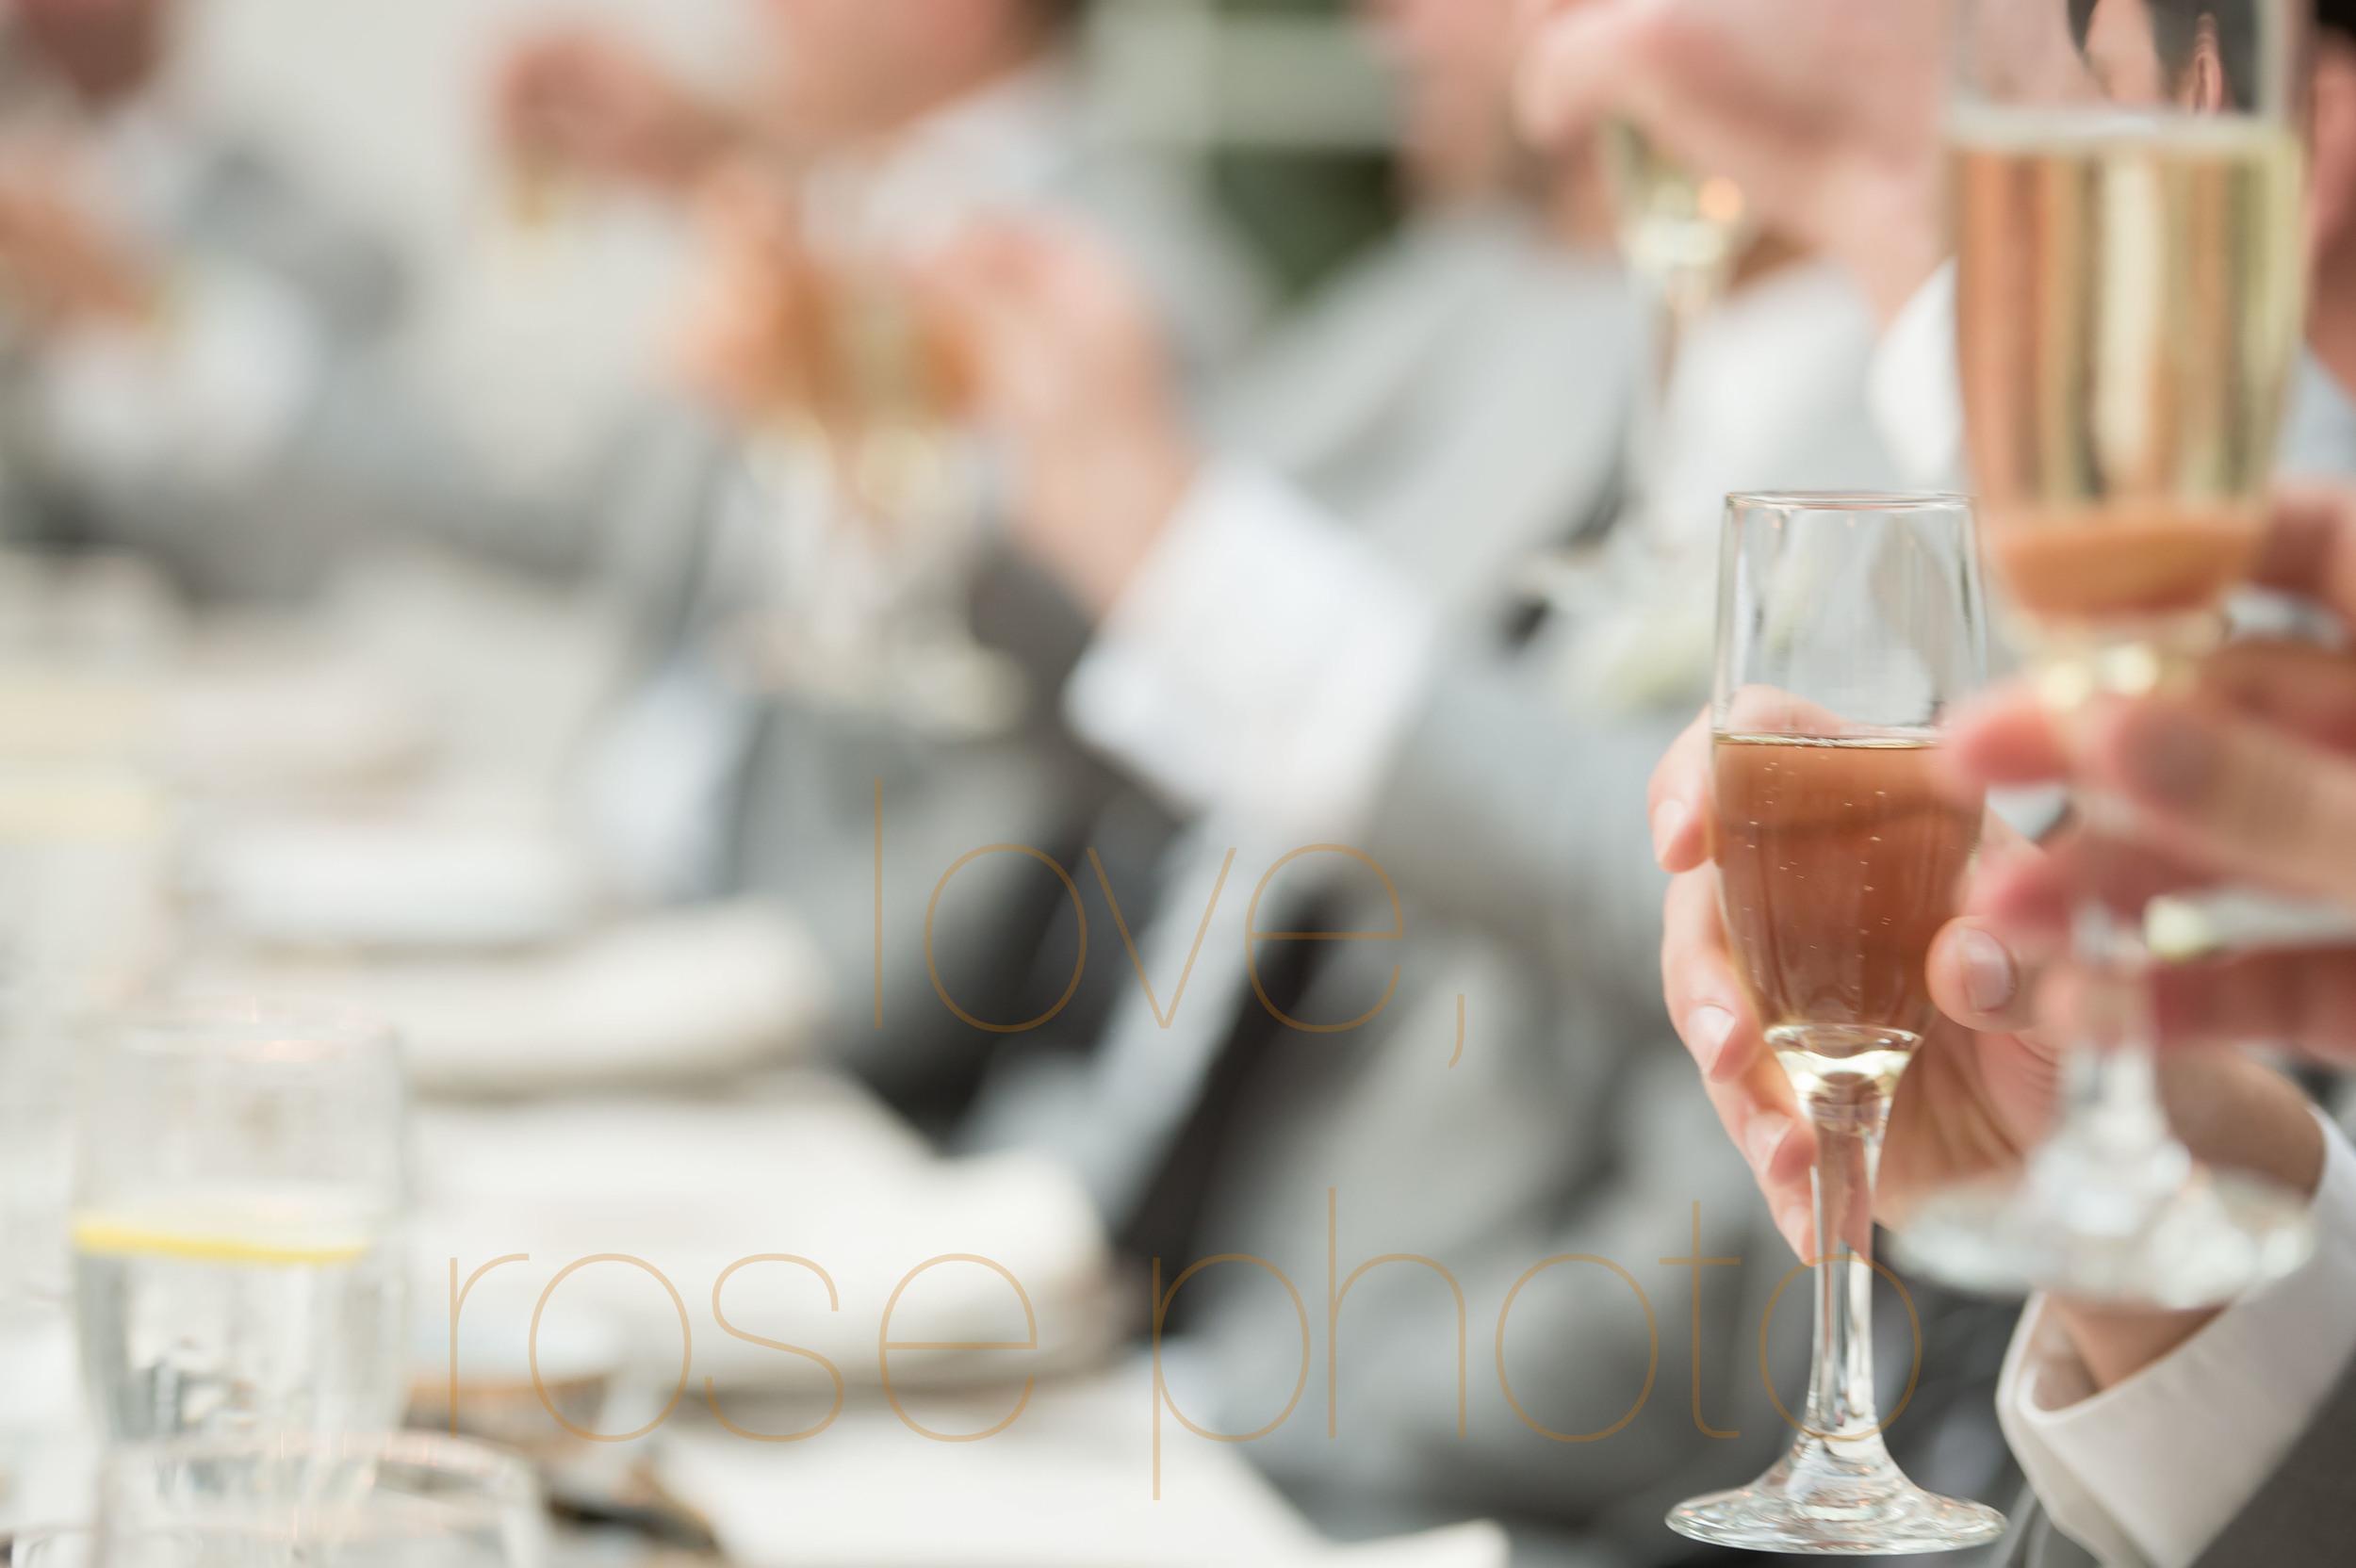 ellen + bryan chicago wedding joliet james healy mansion portrait lifestyle photojournalist photographer -020.jpg